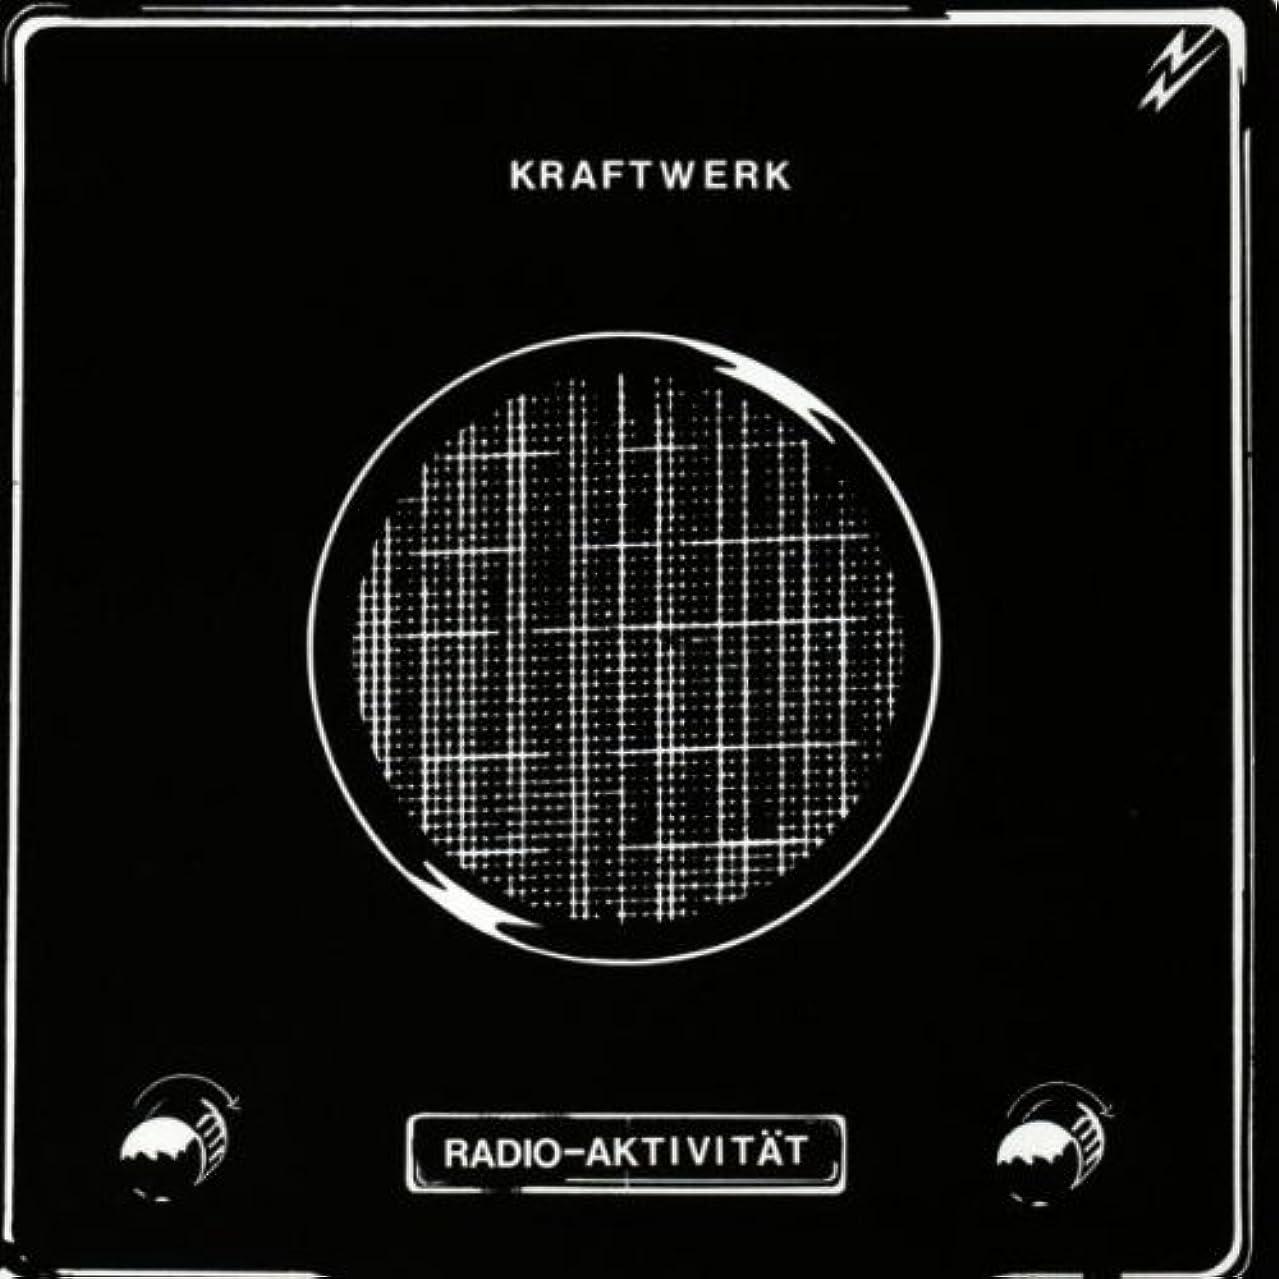 Radio-Aktivitaet